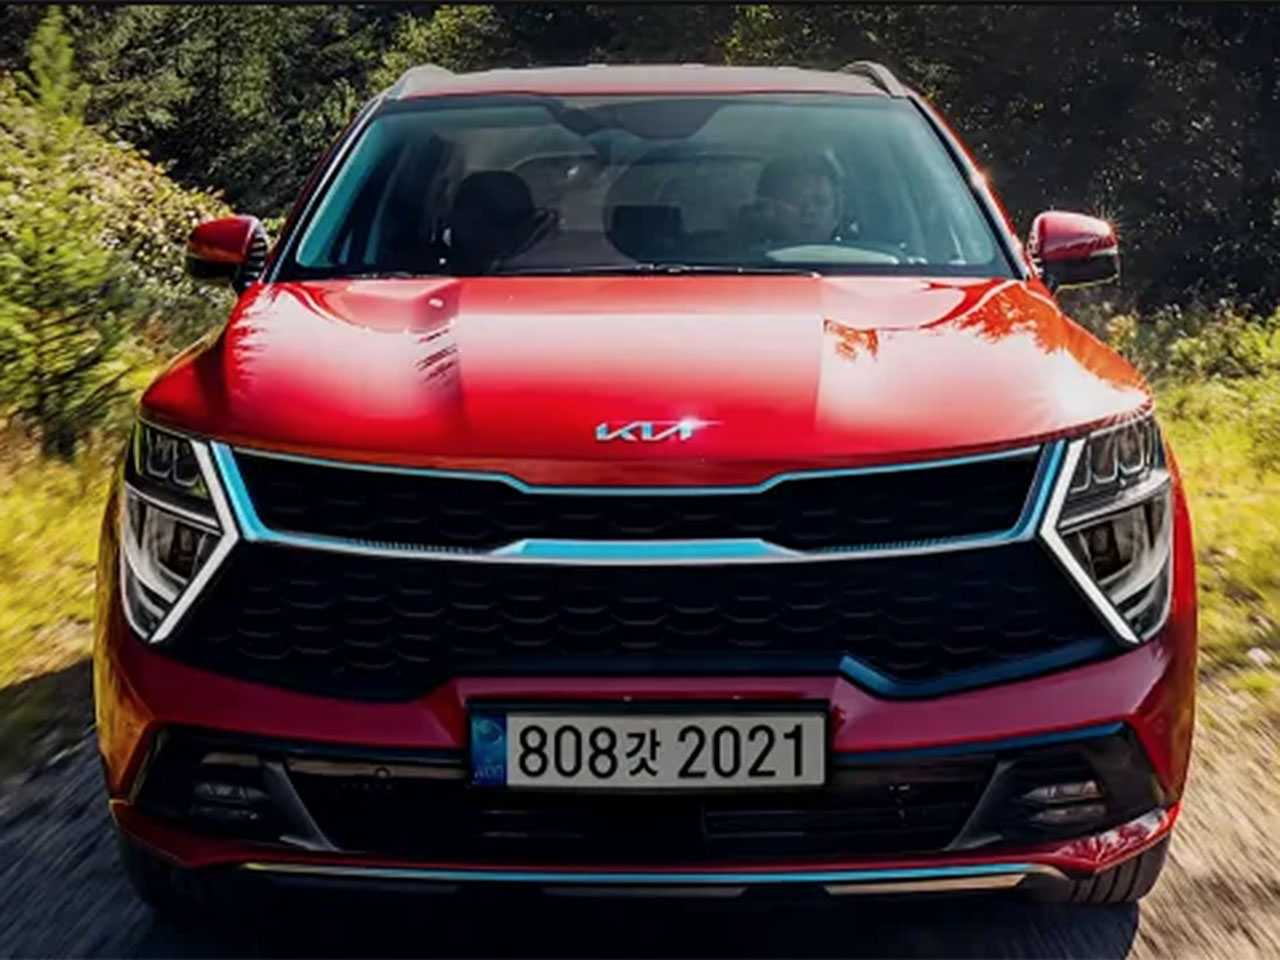 Possível imagem oficial vazada da nova geração do Kia Sportage